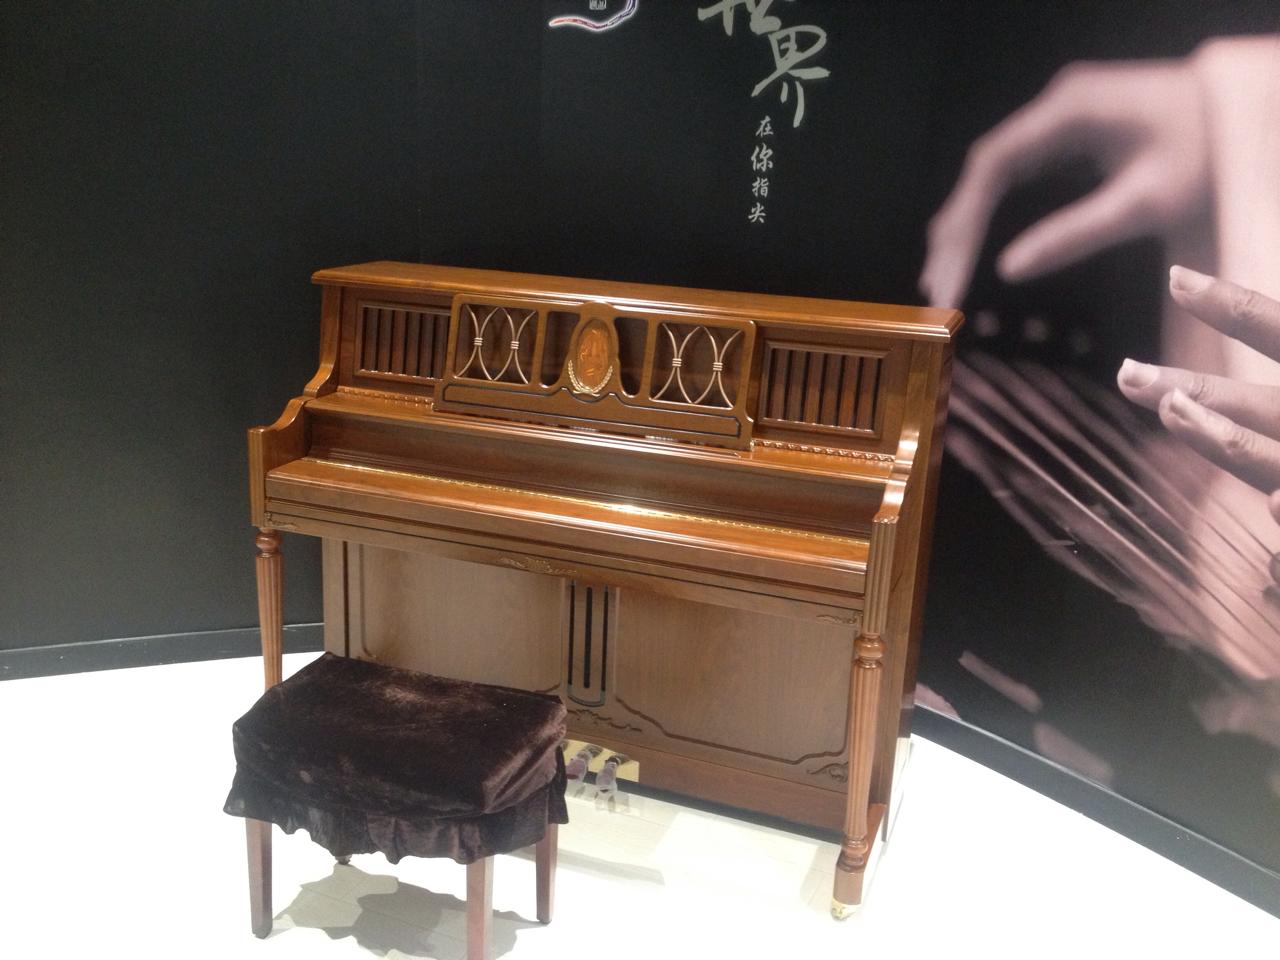 我们不仅仅只是教钢琴,我们不仅仅是为了让小孩学钢琴而学钢琴!